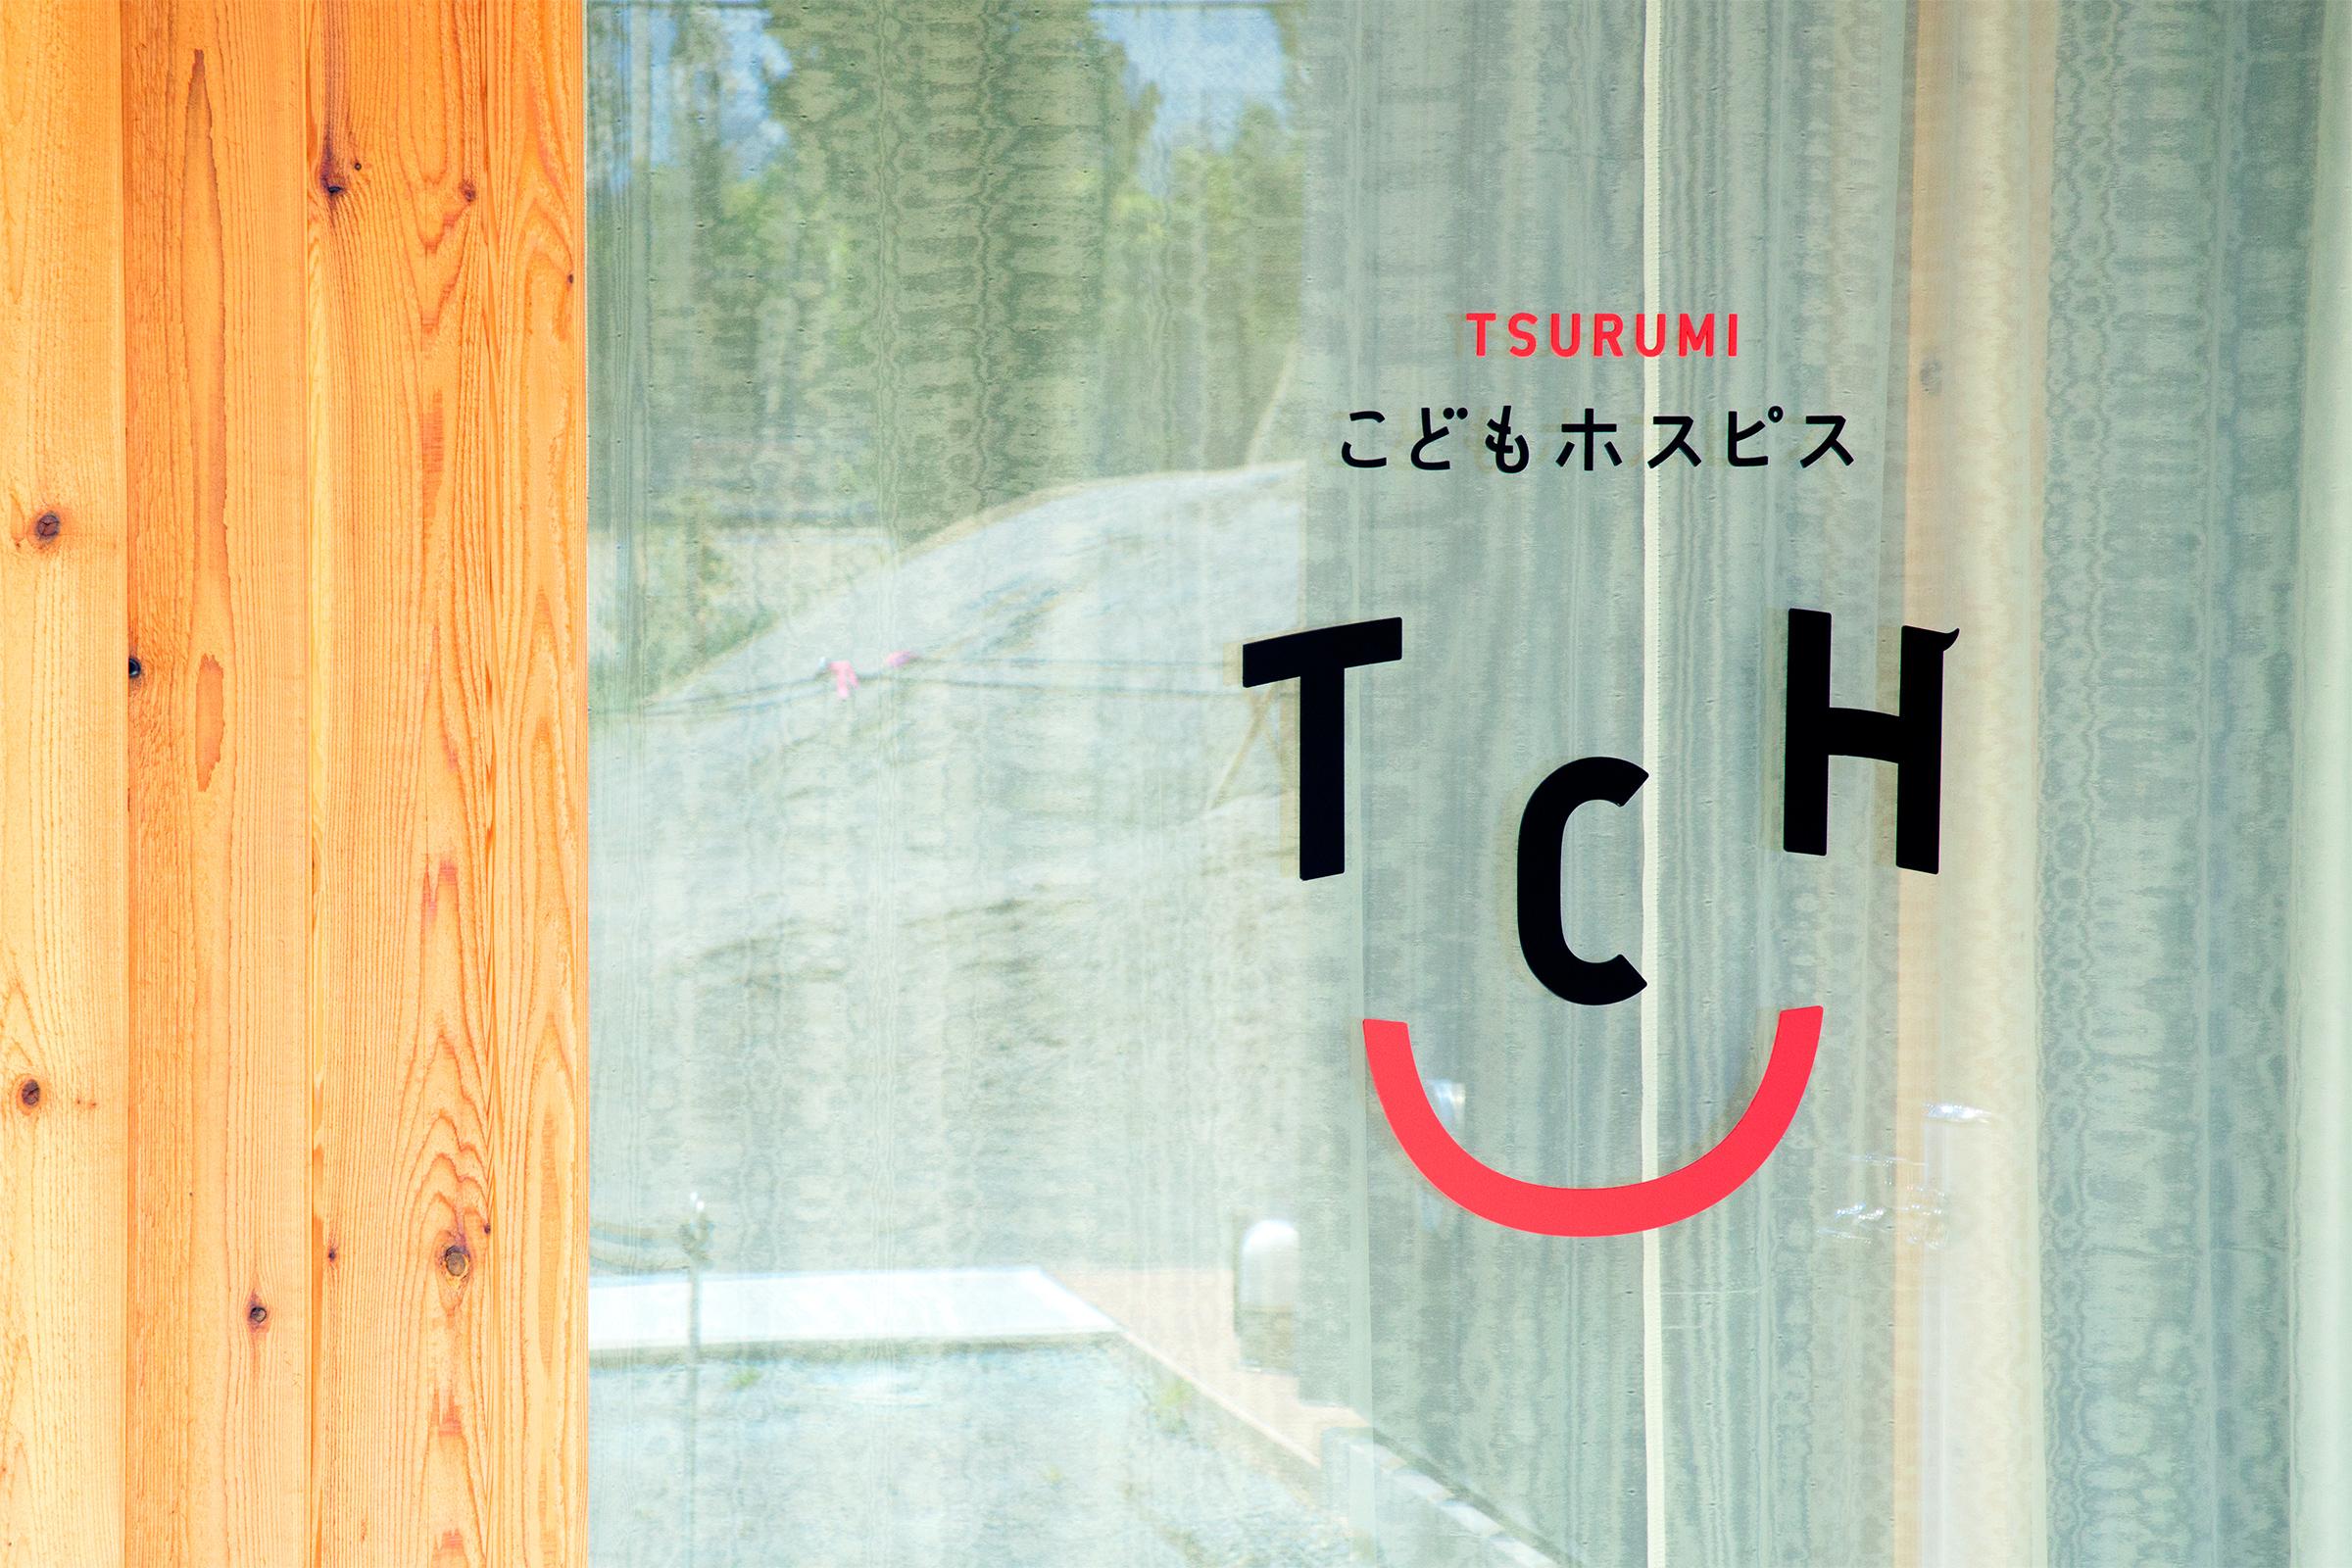 TSURUMI008